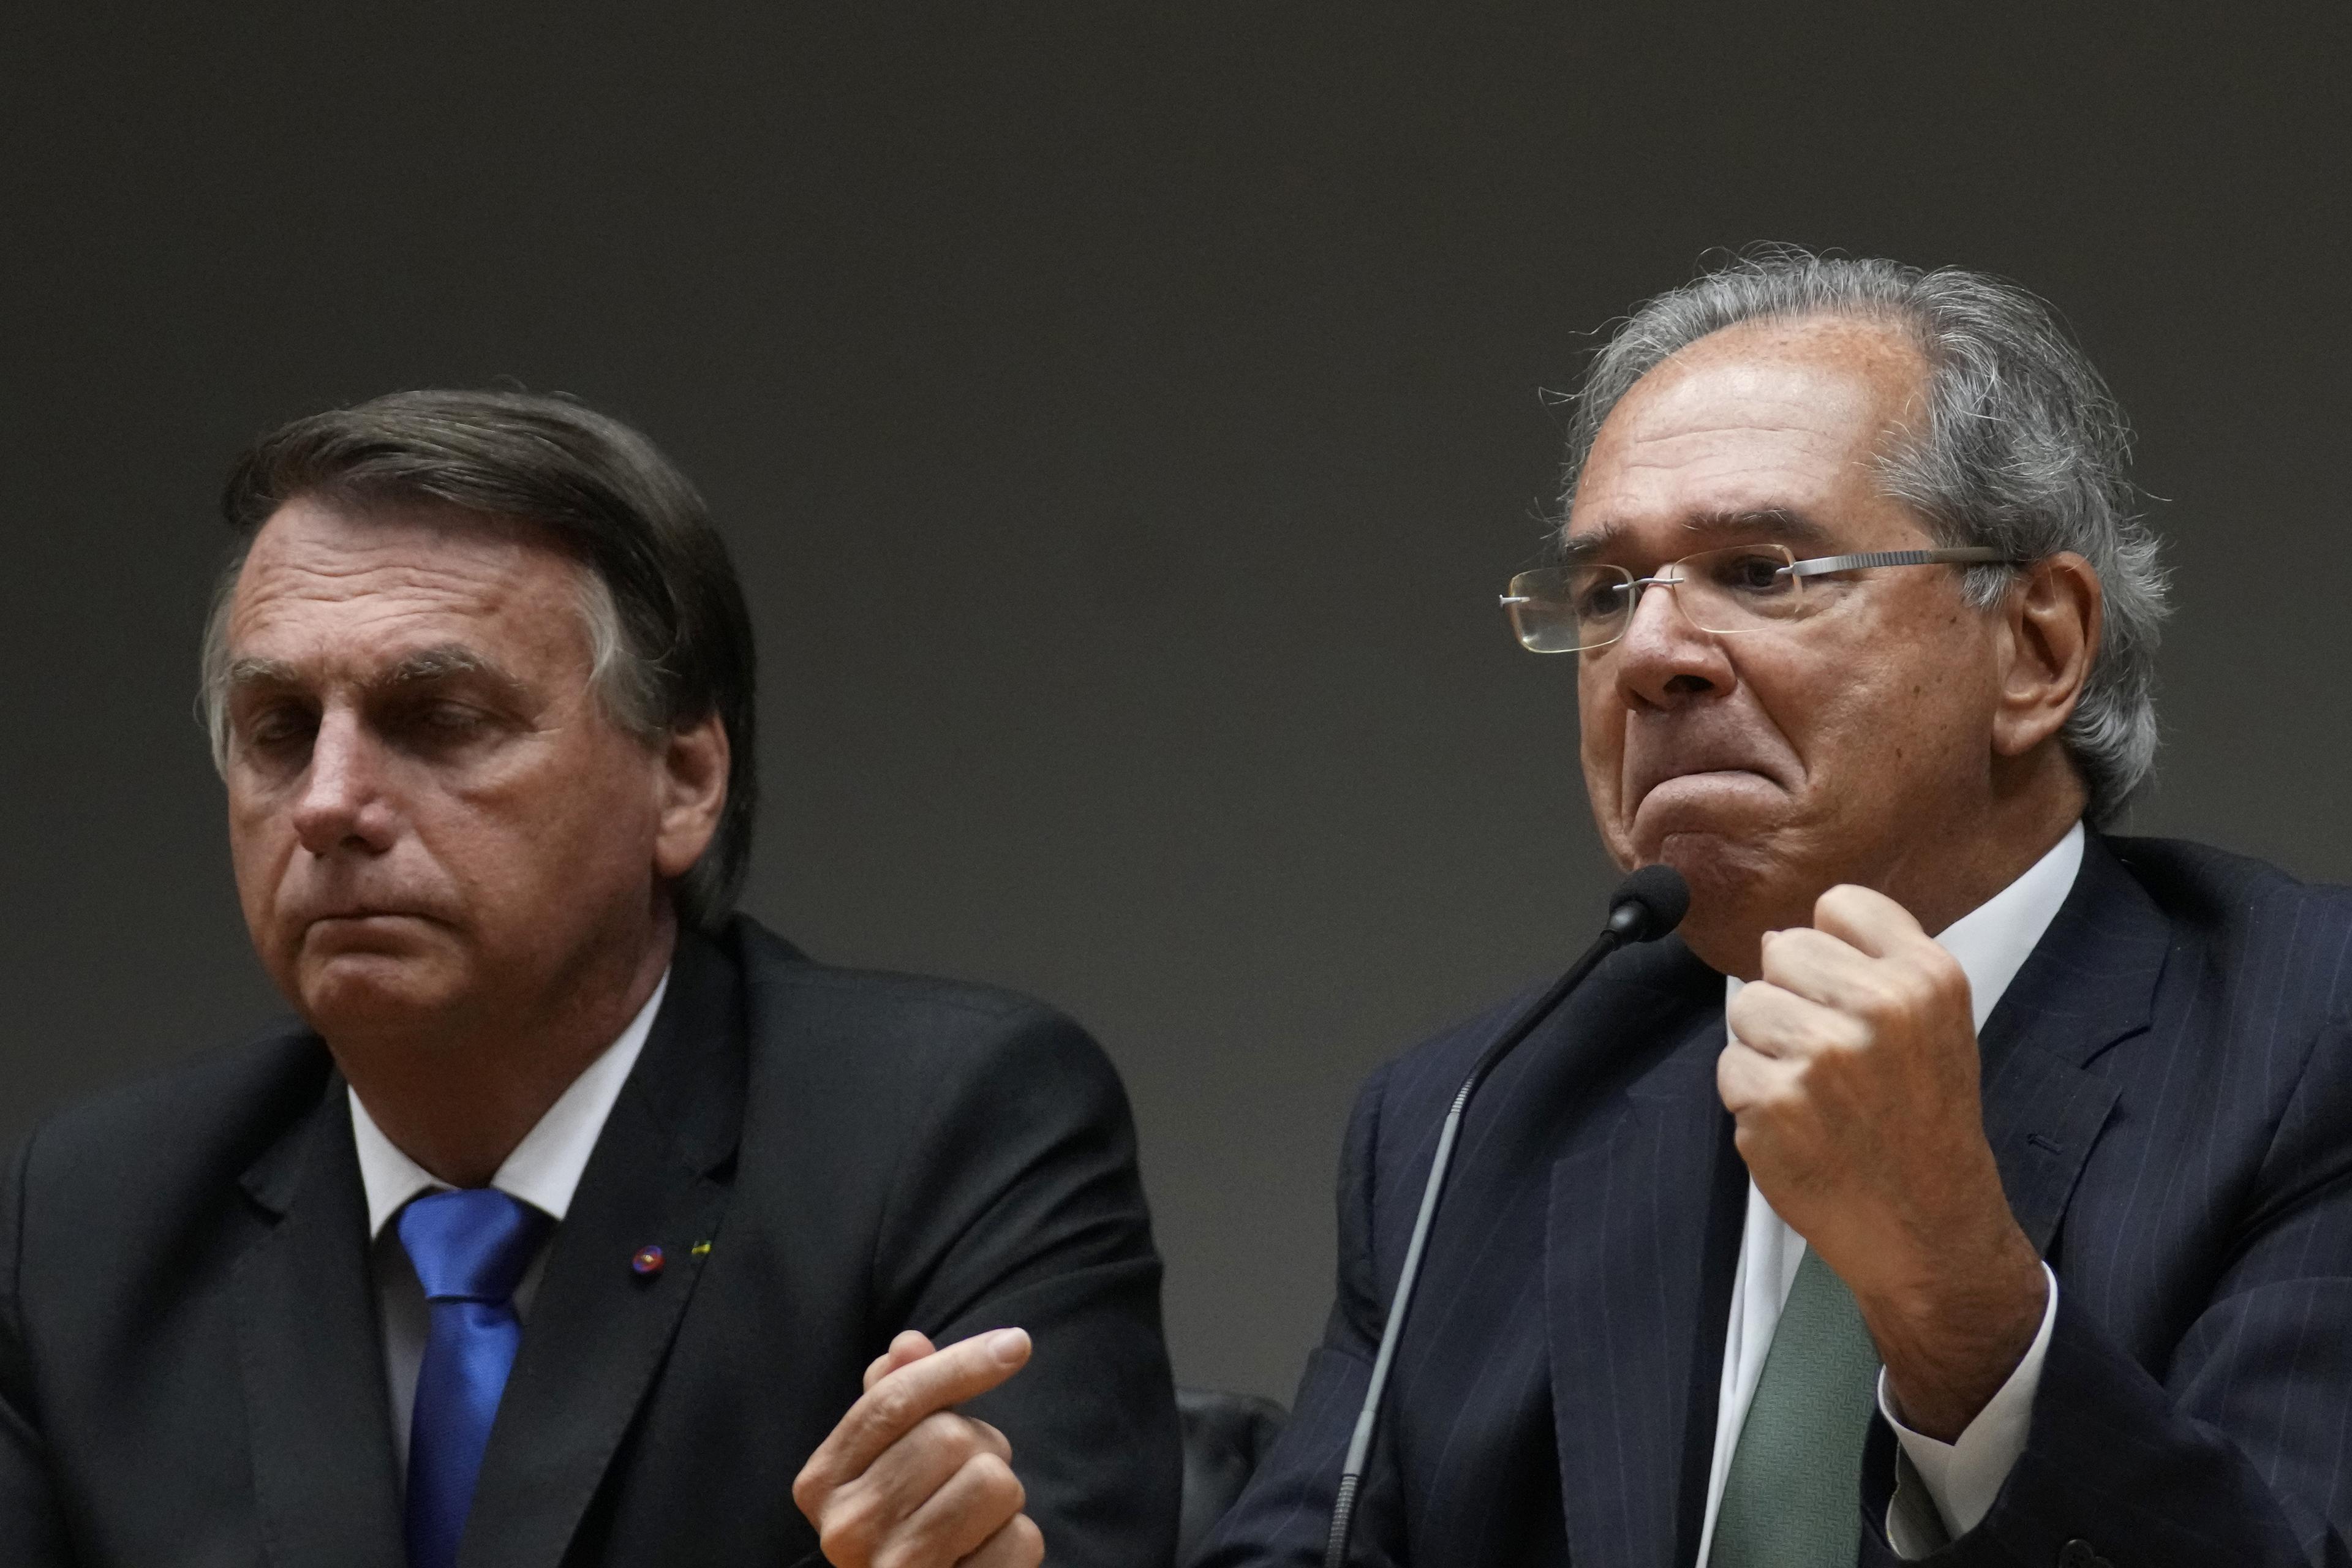 """Bastou Bolsonaro falar em privatização da Petrobras para ações terem alta, ironiza Guedes: """"Negócio sobe 6% de repente"""""""